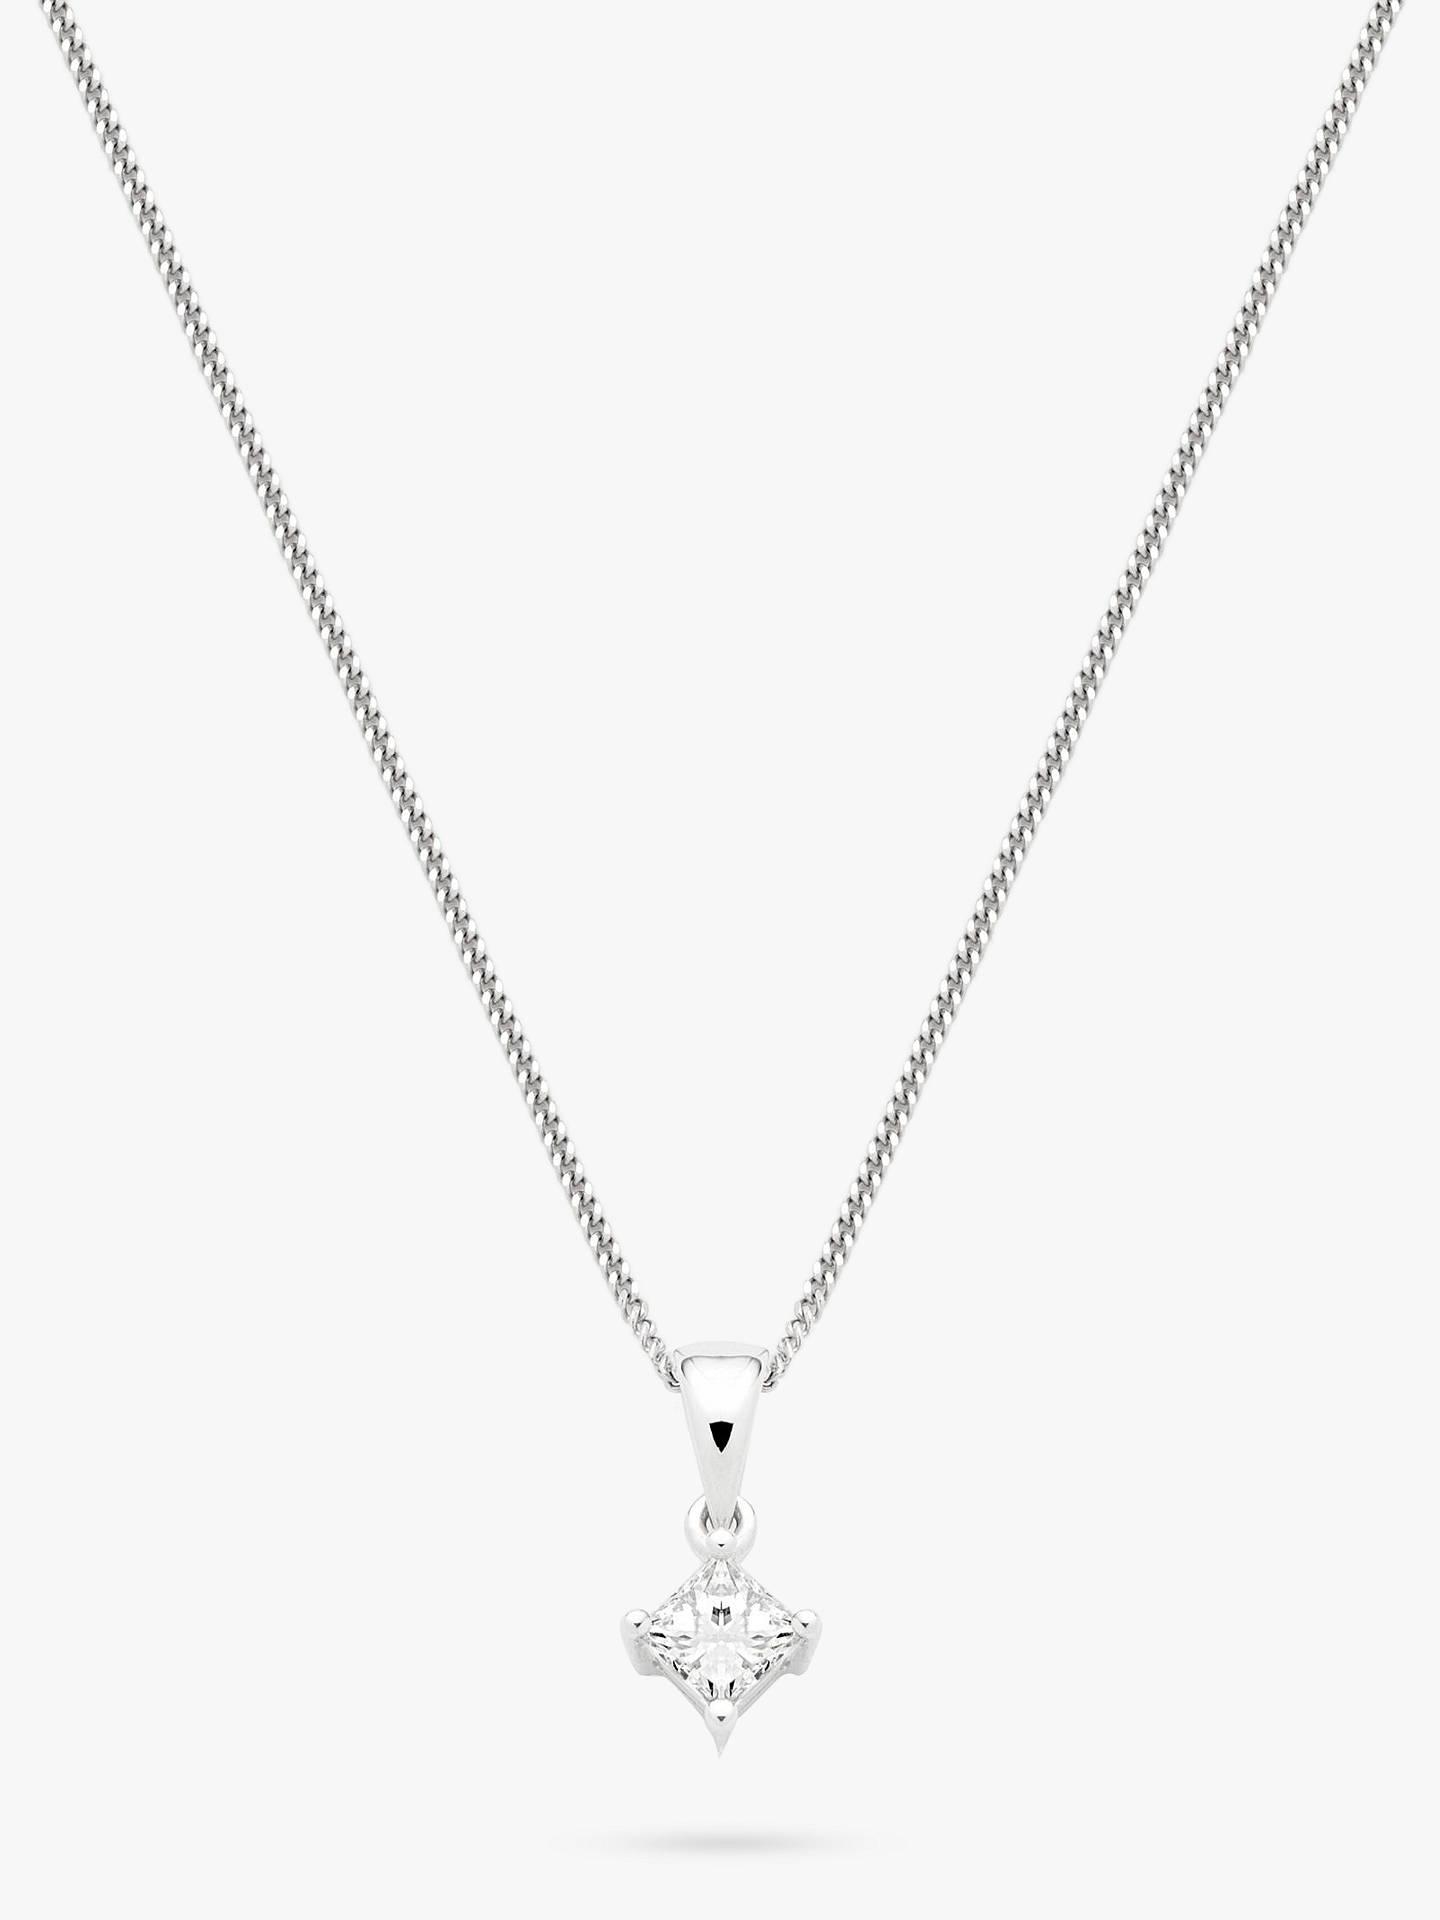 d63d2be93 Buy Mogul 18ct White Gold Princess Cut Solitaire Diamond Pendant Necklace,  0.33ct Online at ...